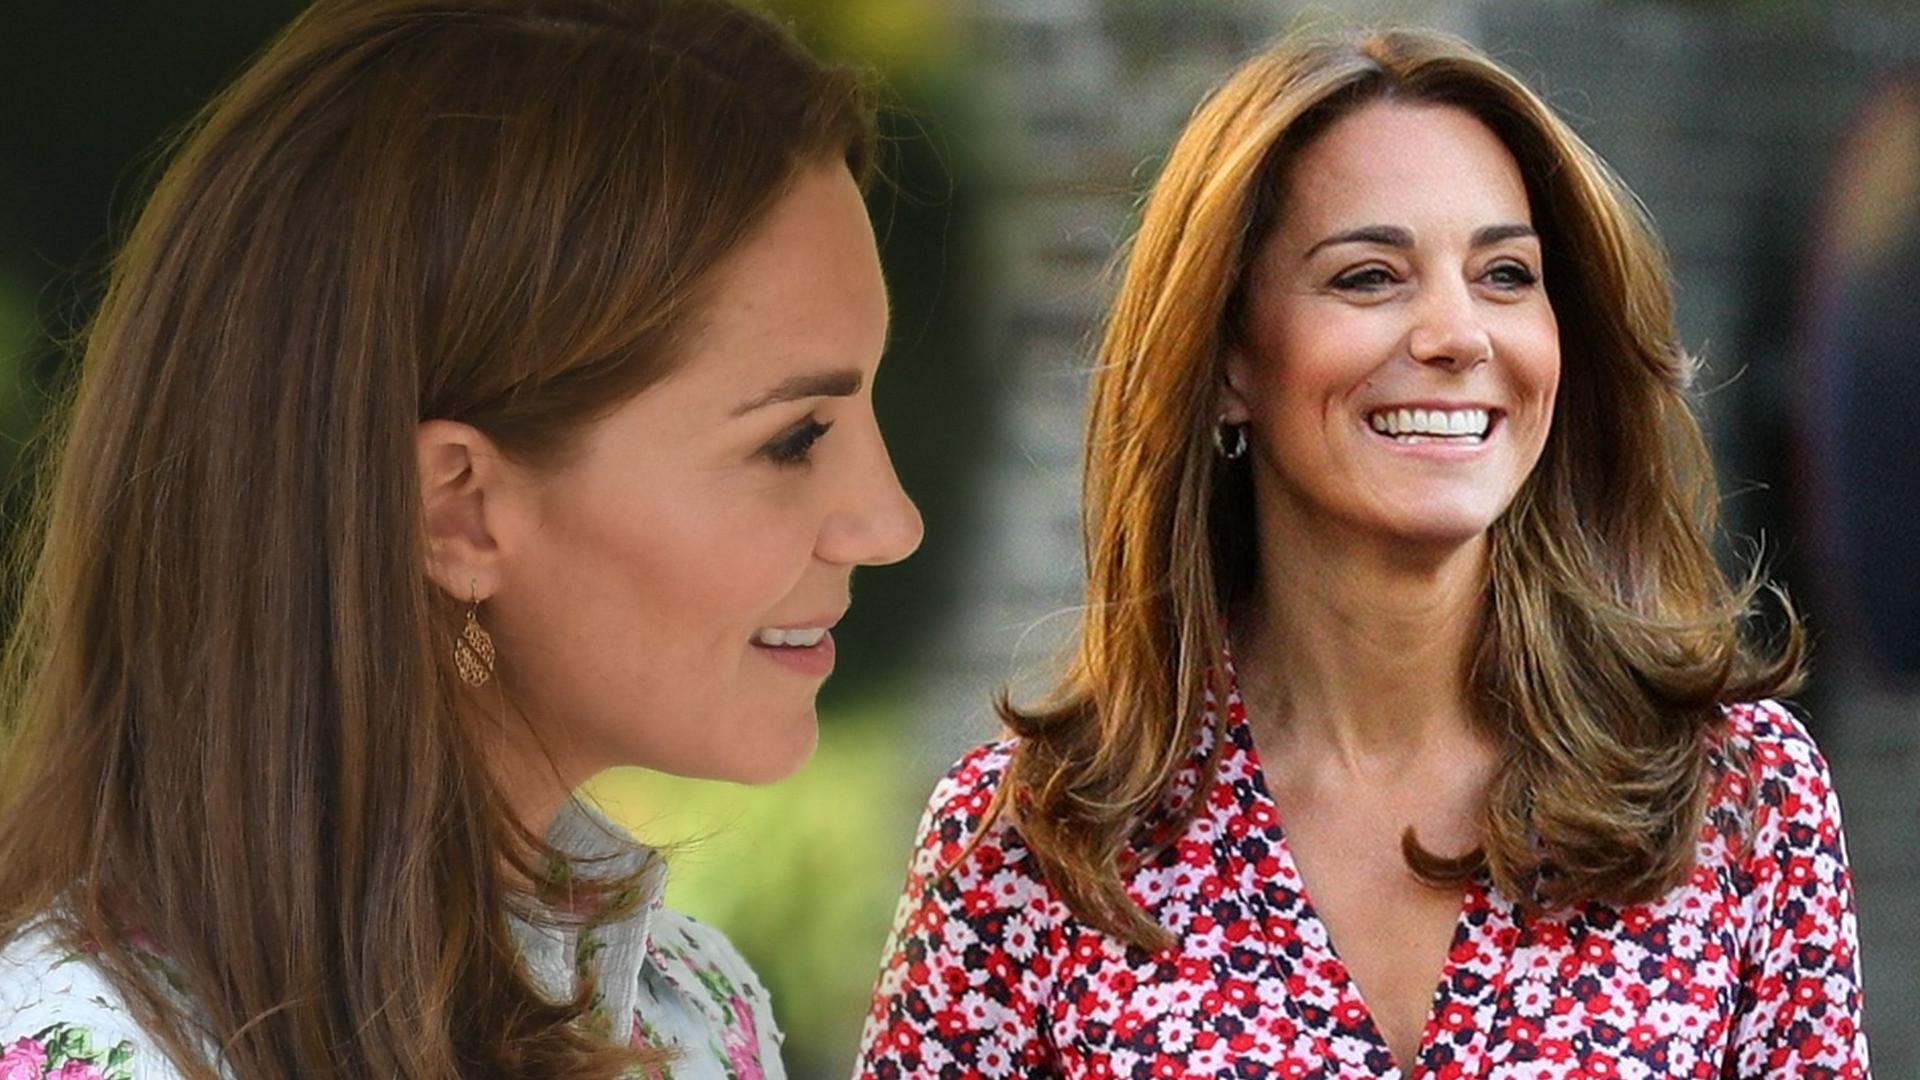 Wstydź się, Meghan! Oto co pracownicy księżnej Kate mówią o swojej przełożonej